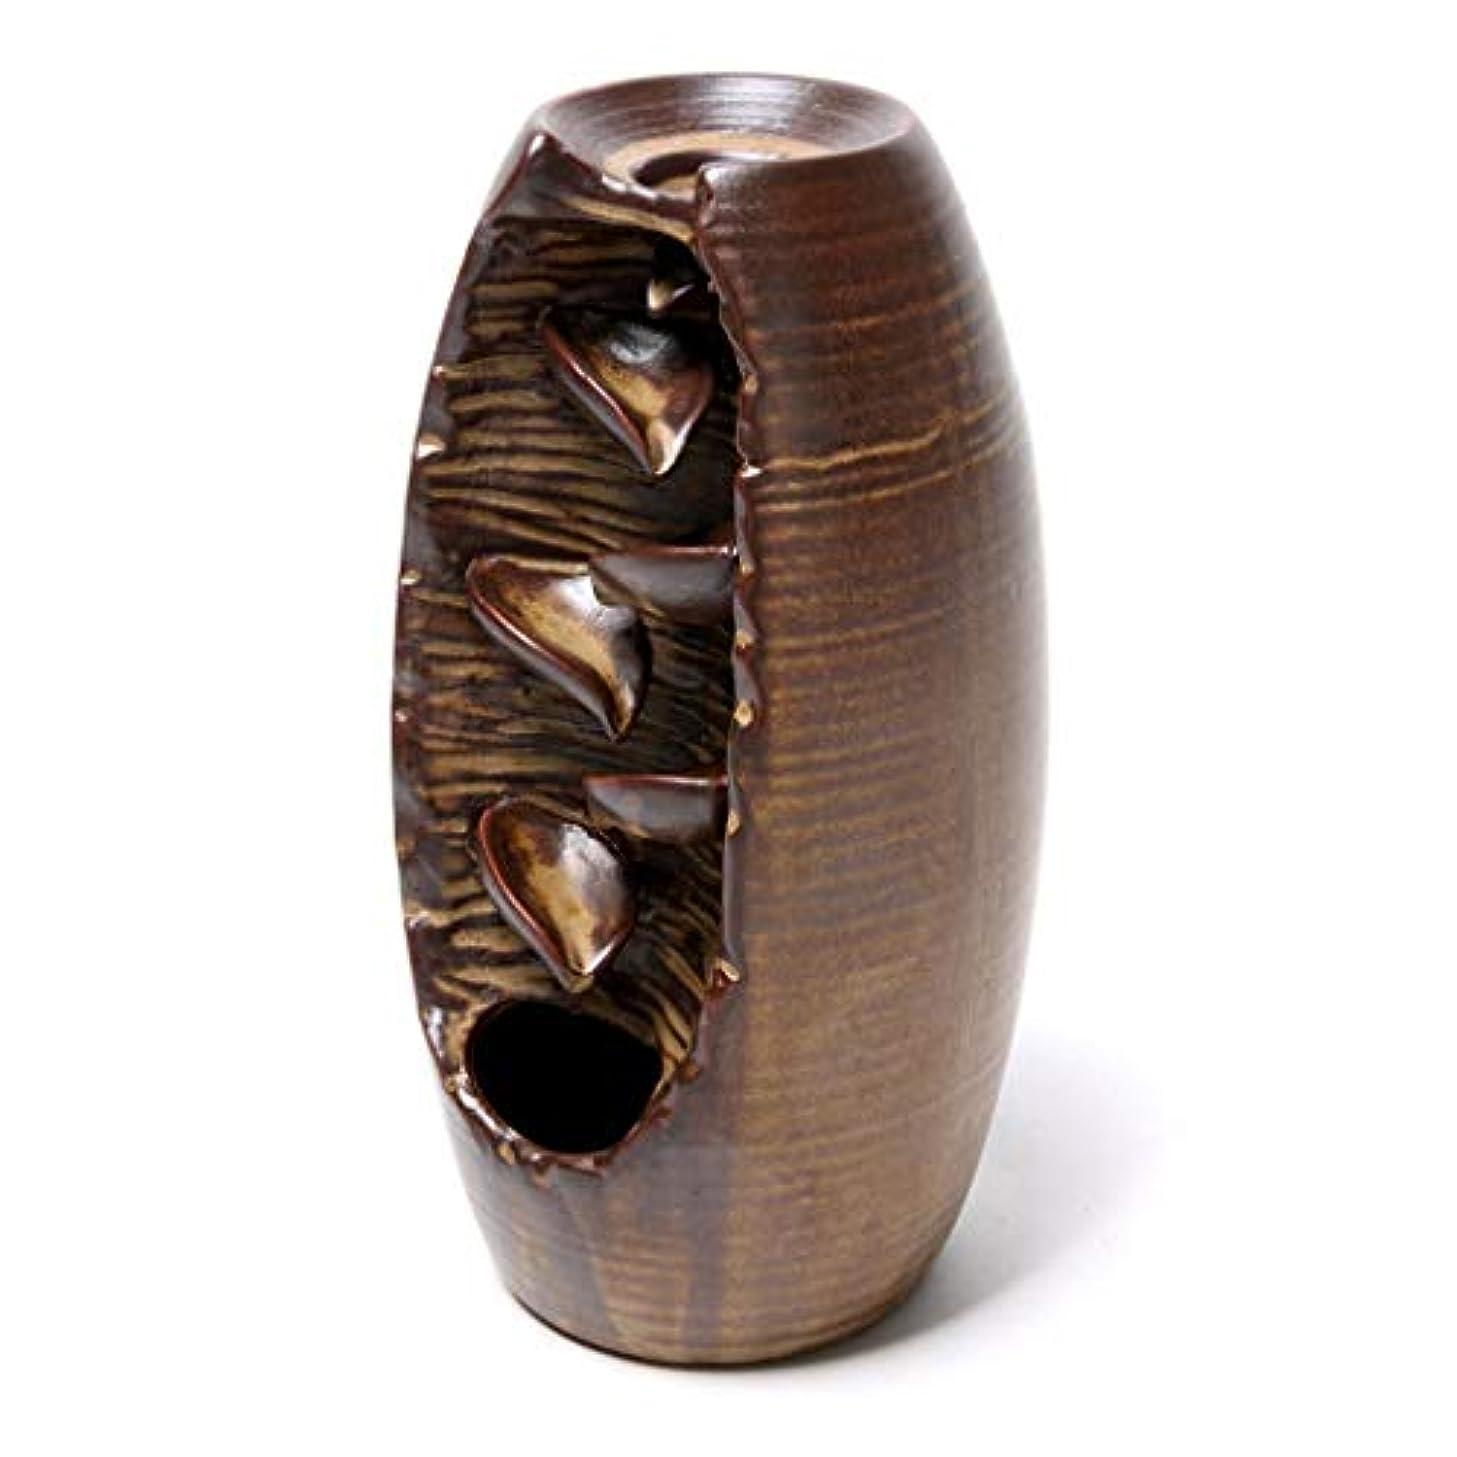 親密な温度計トラクタークリエイティブ逆流香バーナーセラミック香コーンバーナーホルダーホームフレグランスアロマセラピー装飾香ホルダー (Color : Brown, サイズ : 3.54*8.07 inches)